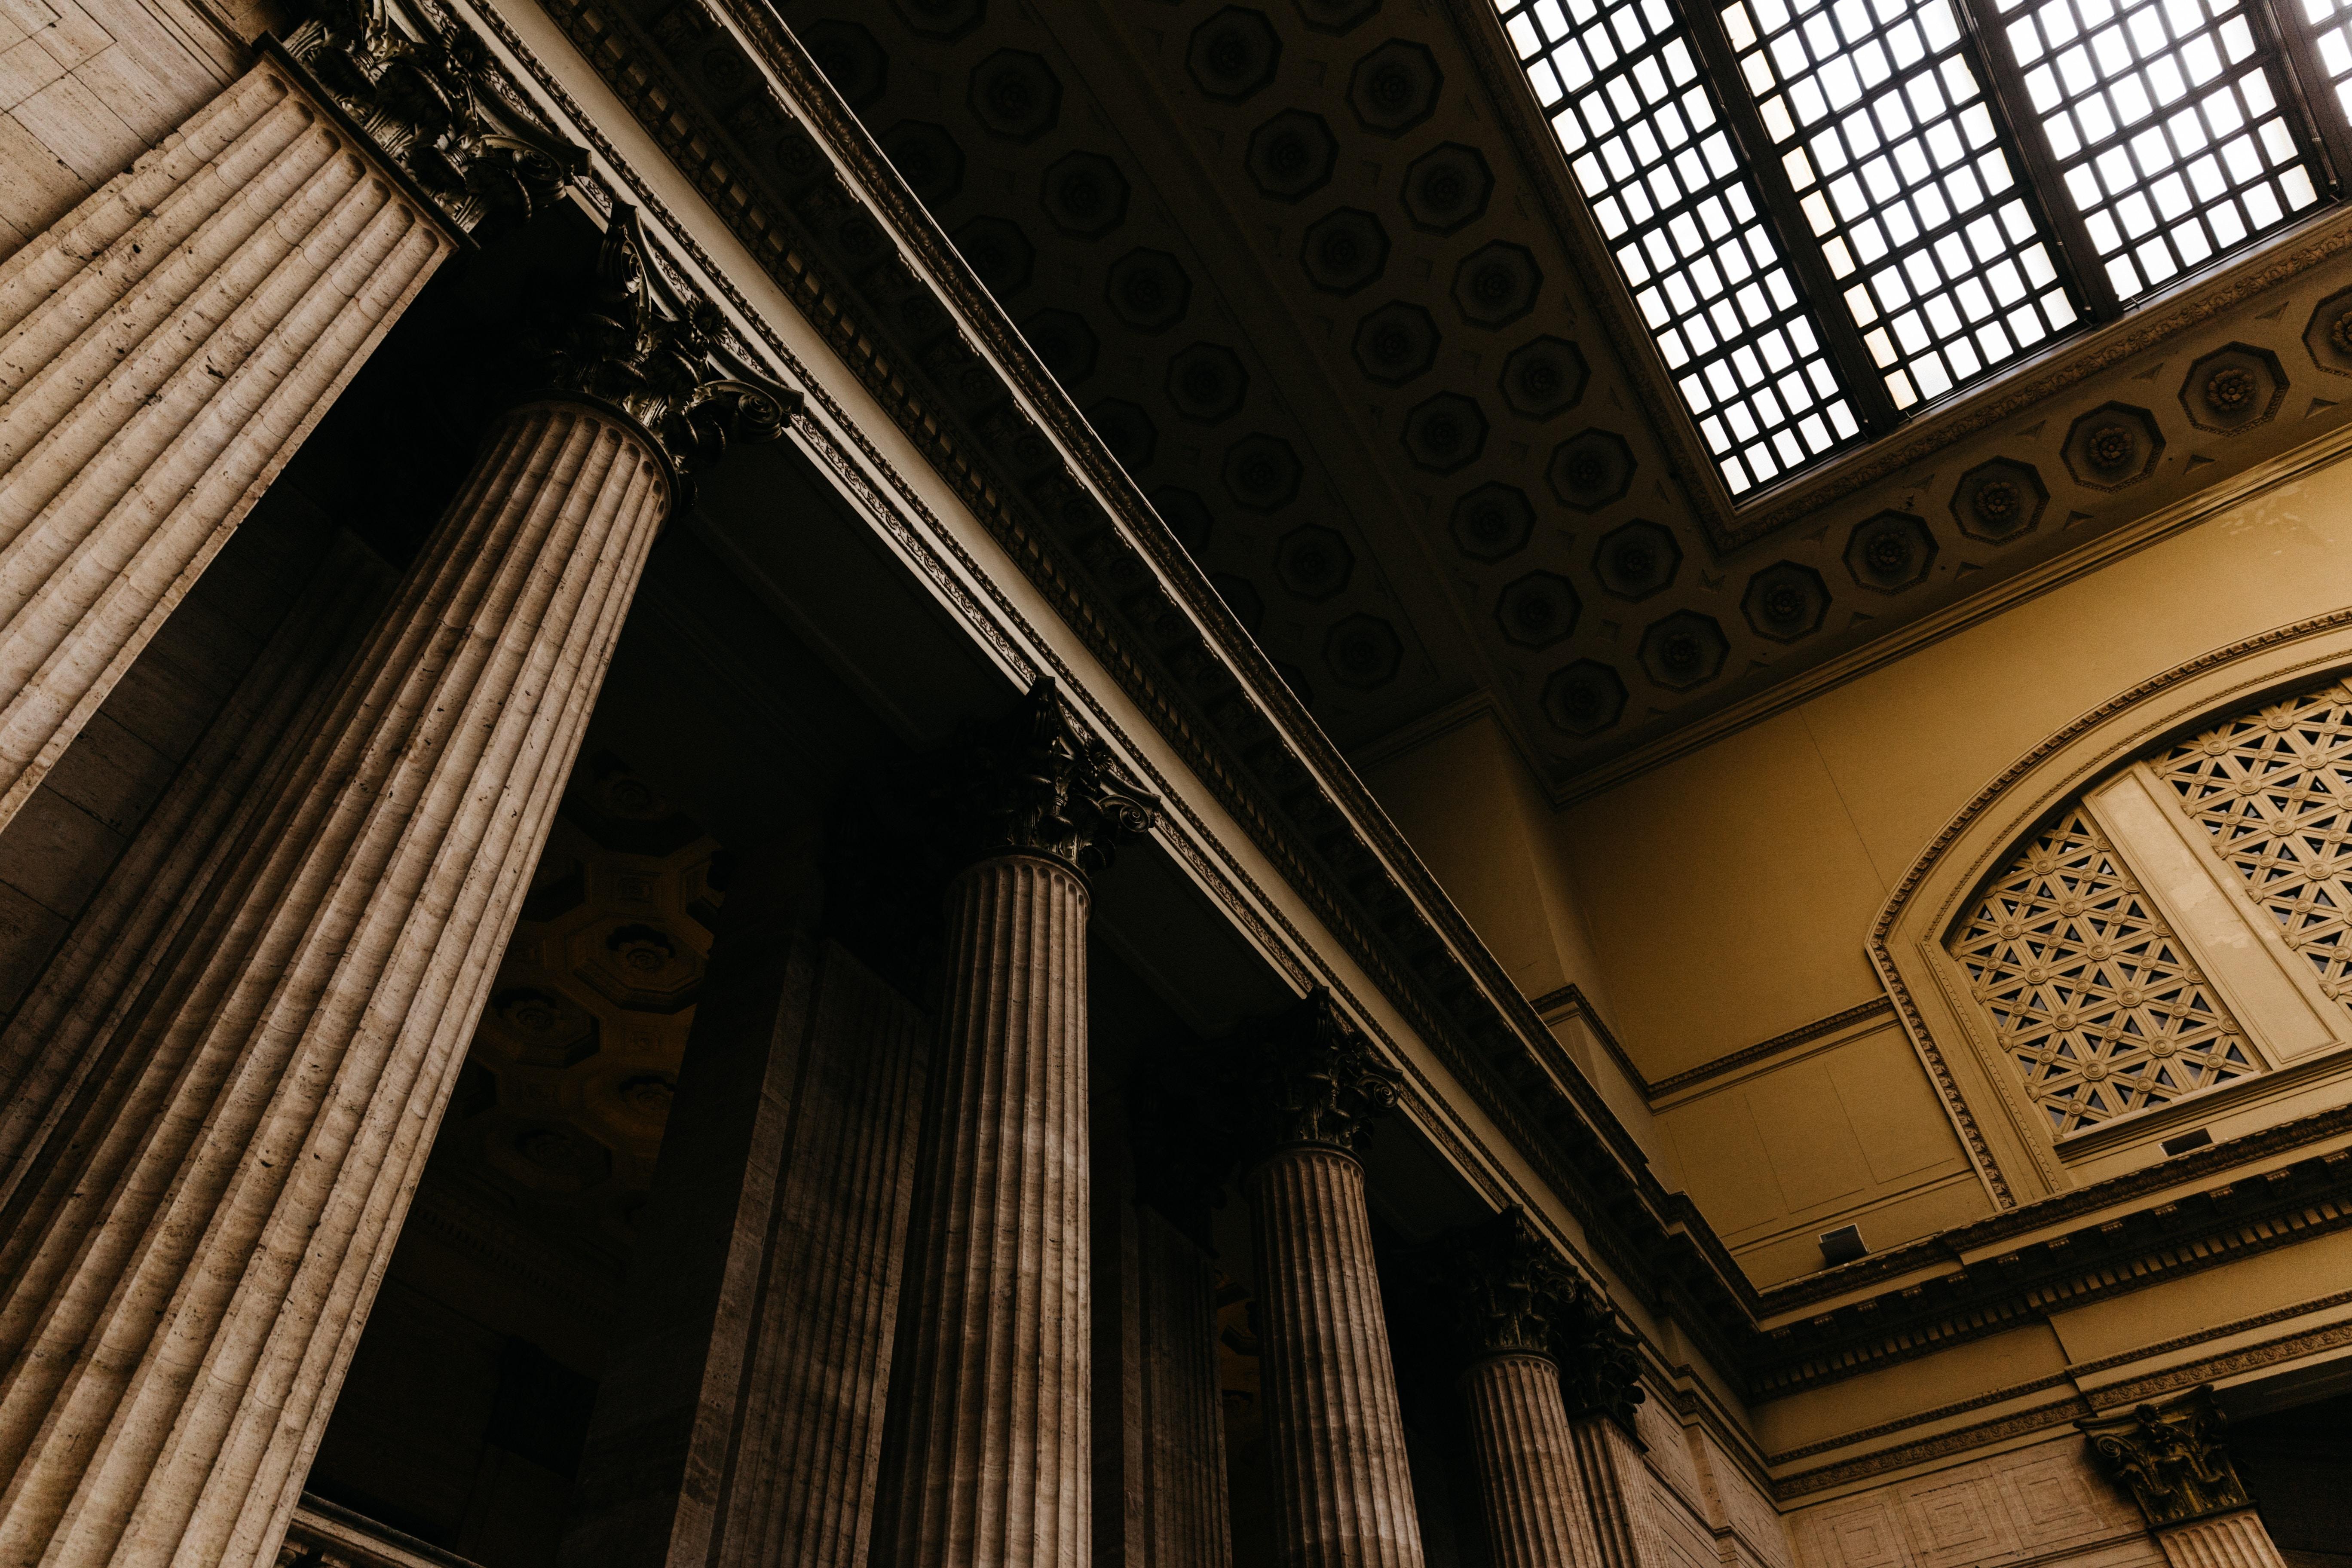 brown concrete pillars indoors